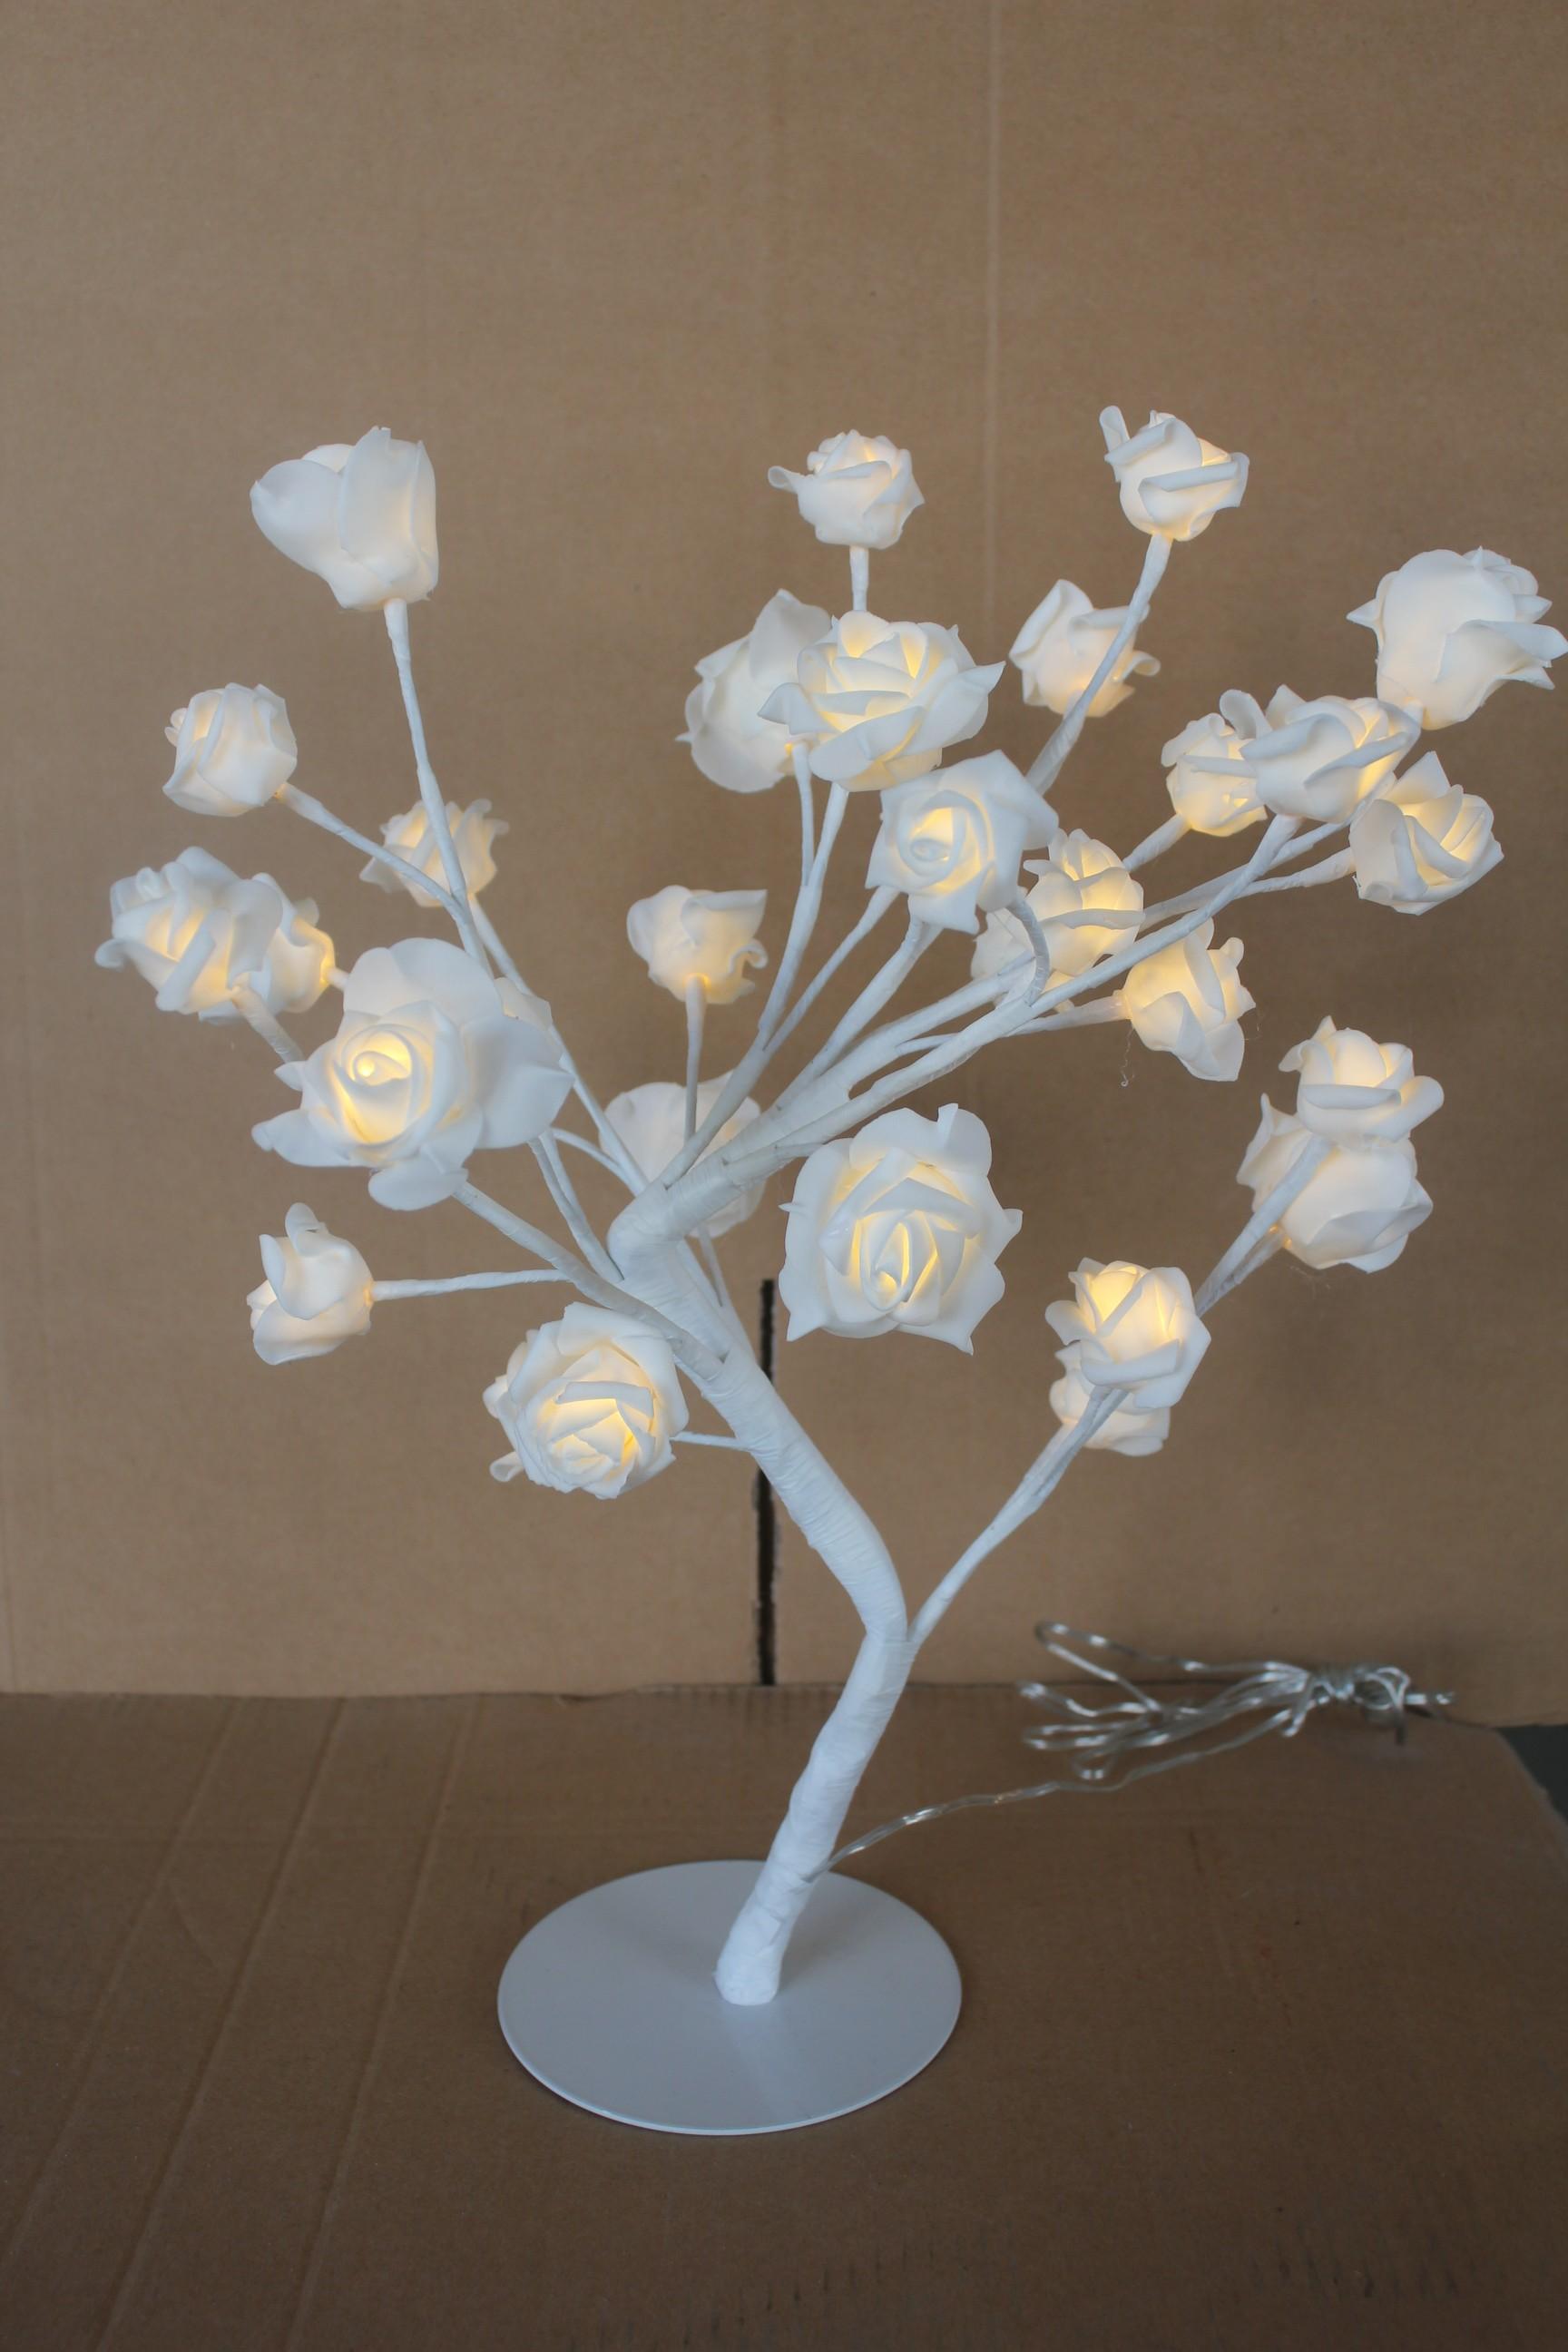 led lichterbaum 45cm mit rosen 32 led warmwei innen. Black Bedroom Furniture Sets. Home Design Ideas